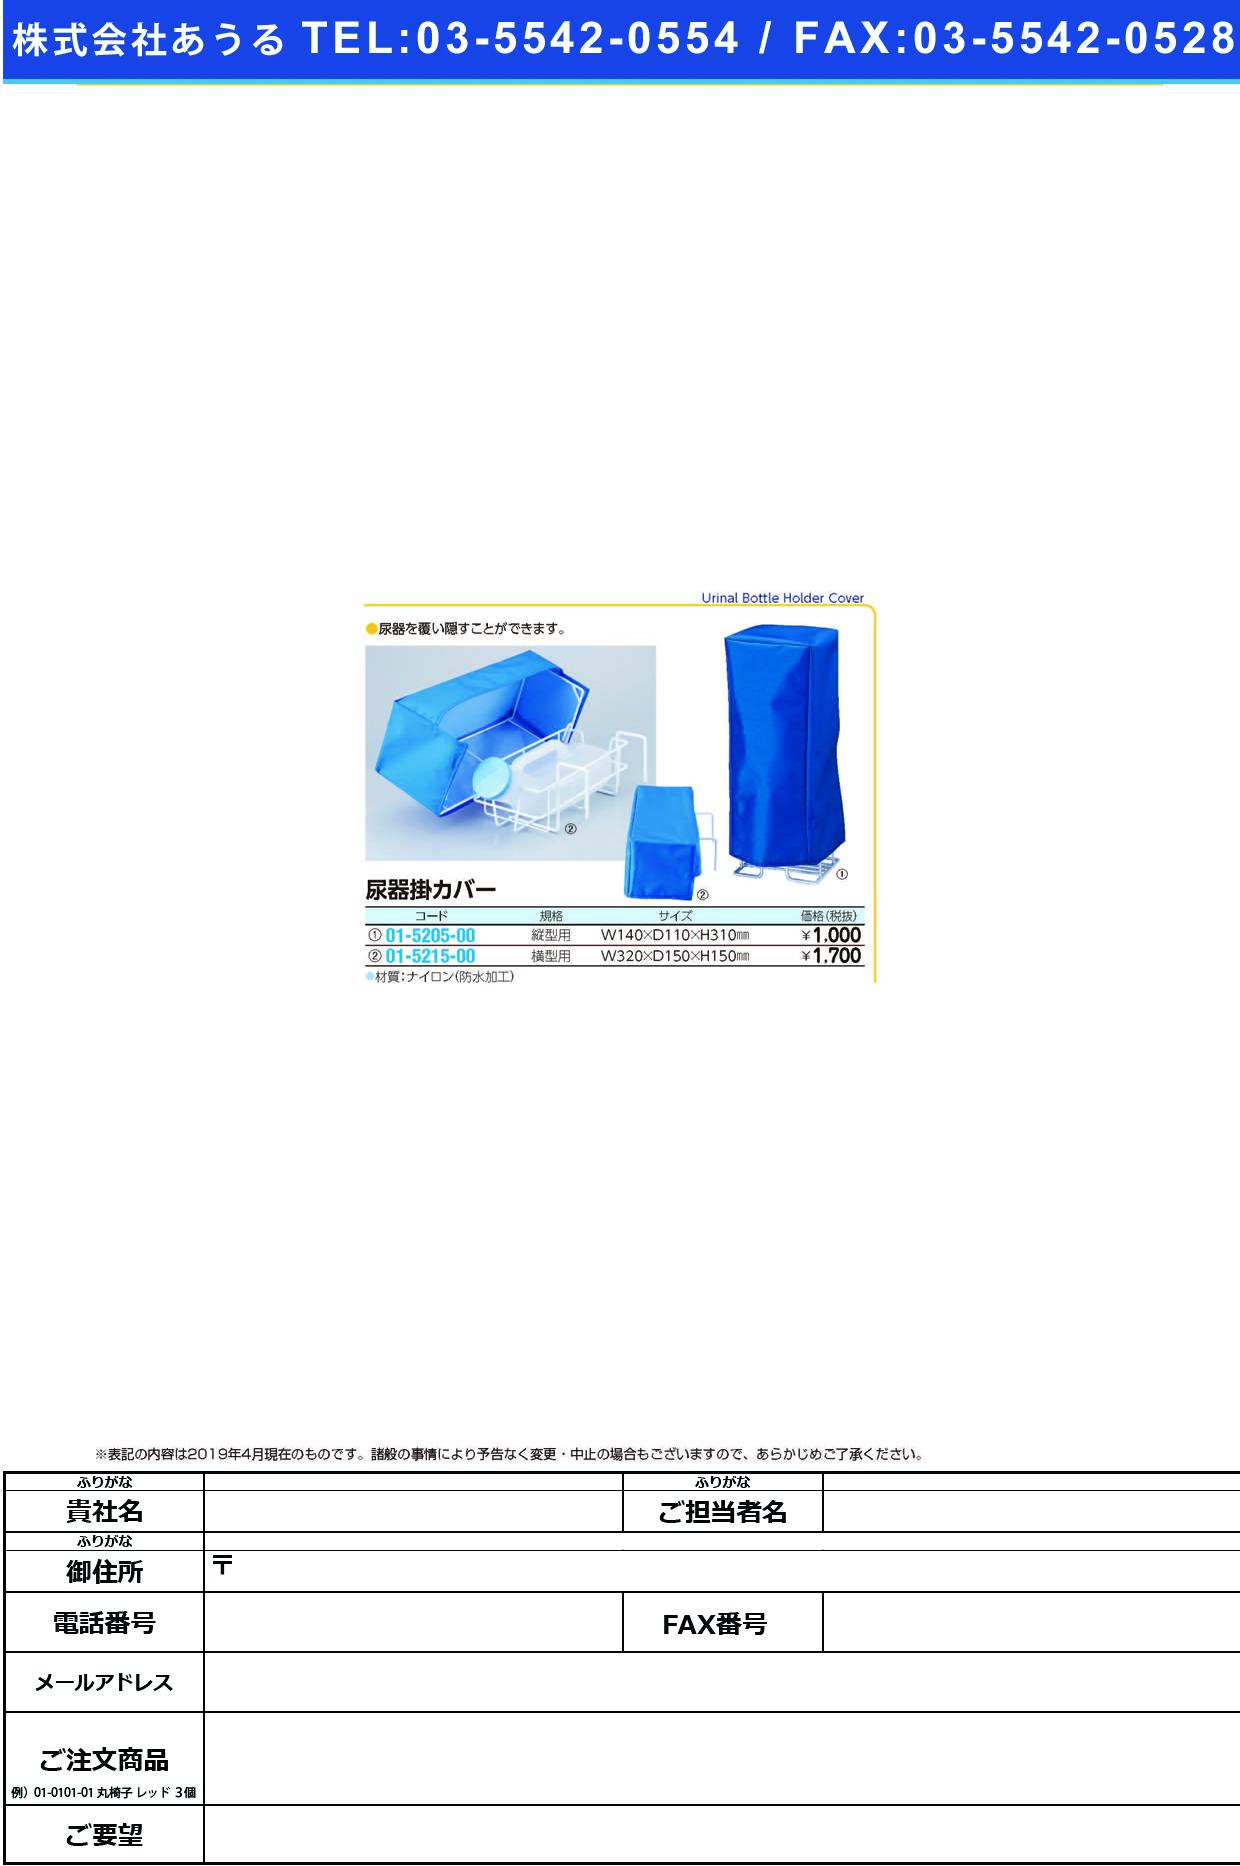 (01-5205-00)尿器掛カバー(縦型用)  ニョウキカケカバー【1枚単位】【2019年カタログ商品】